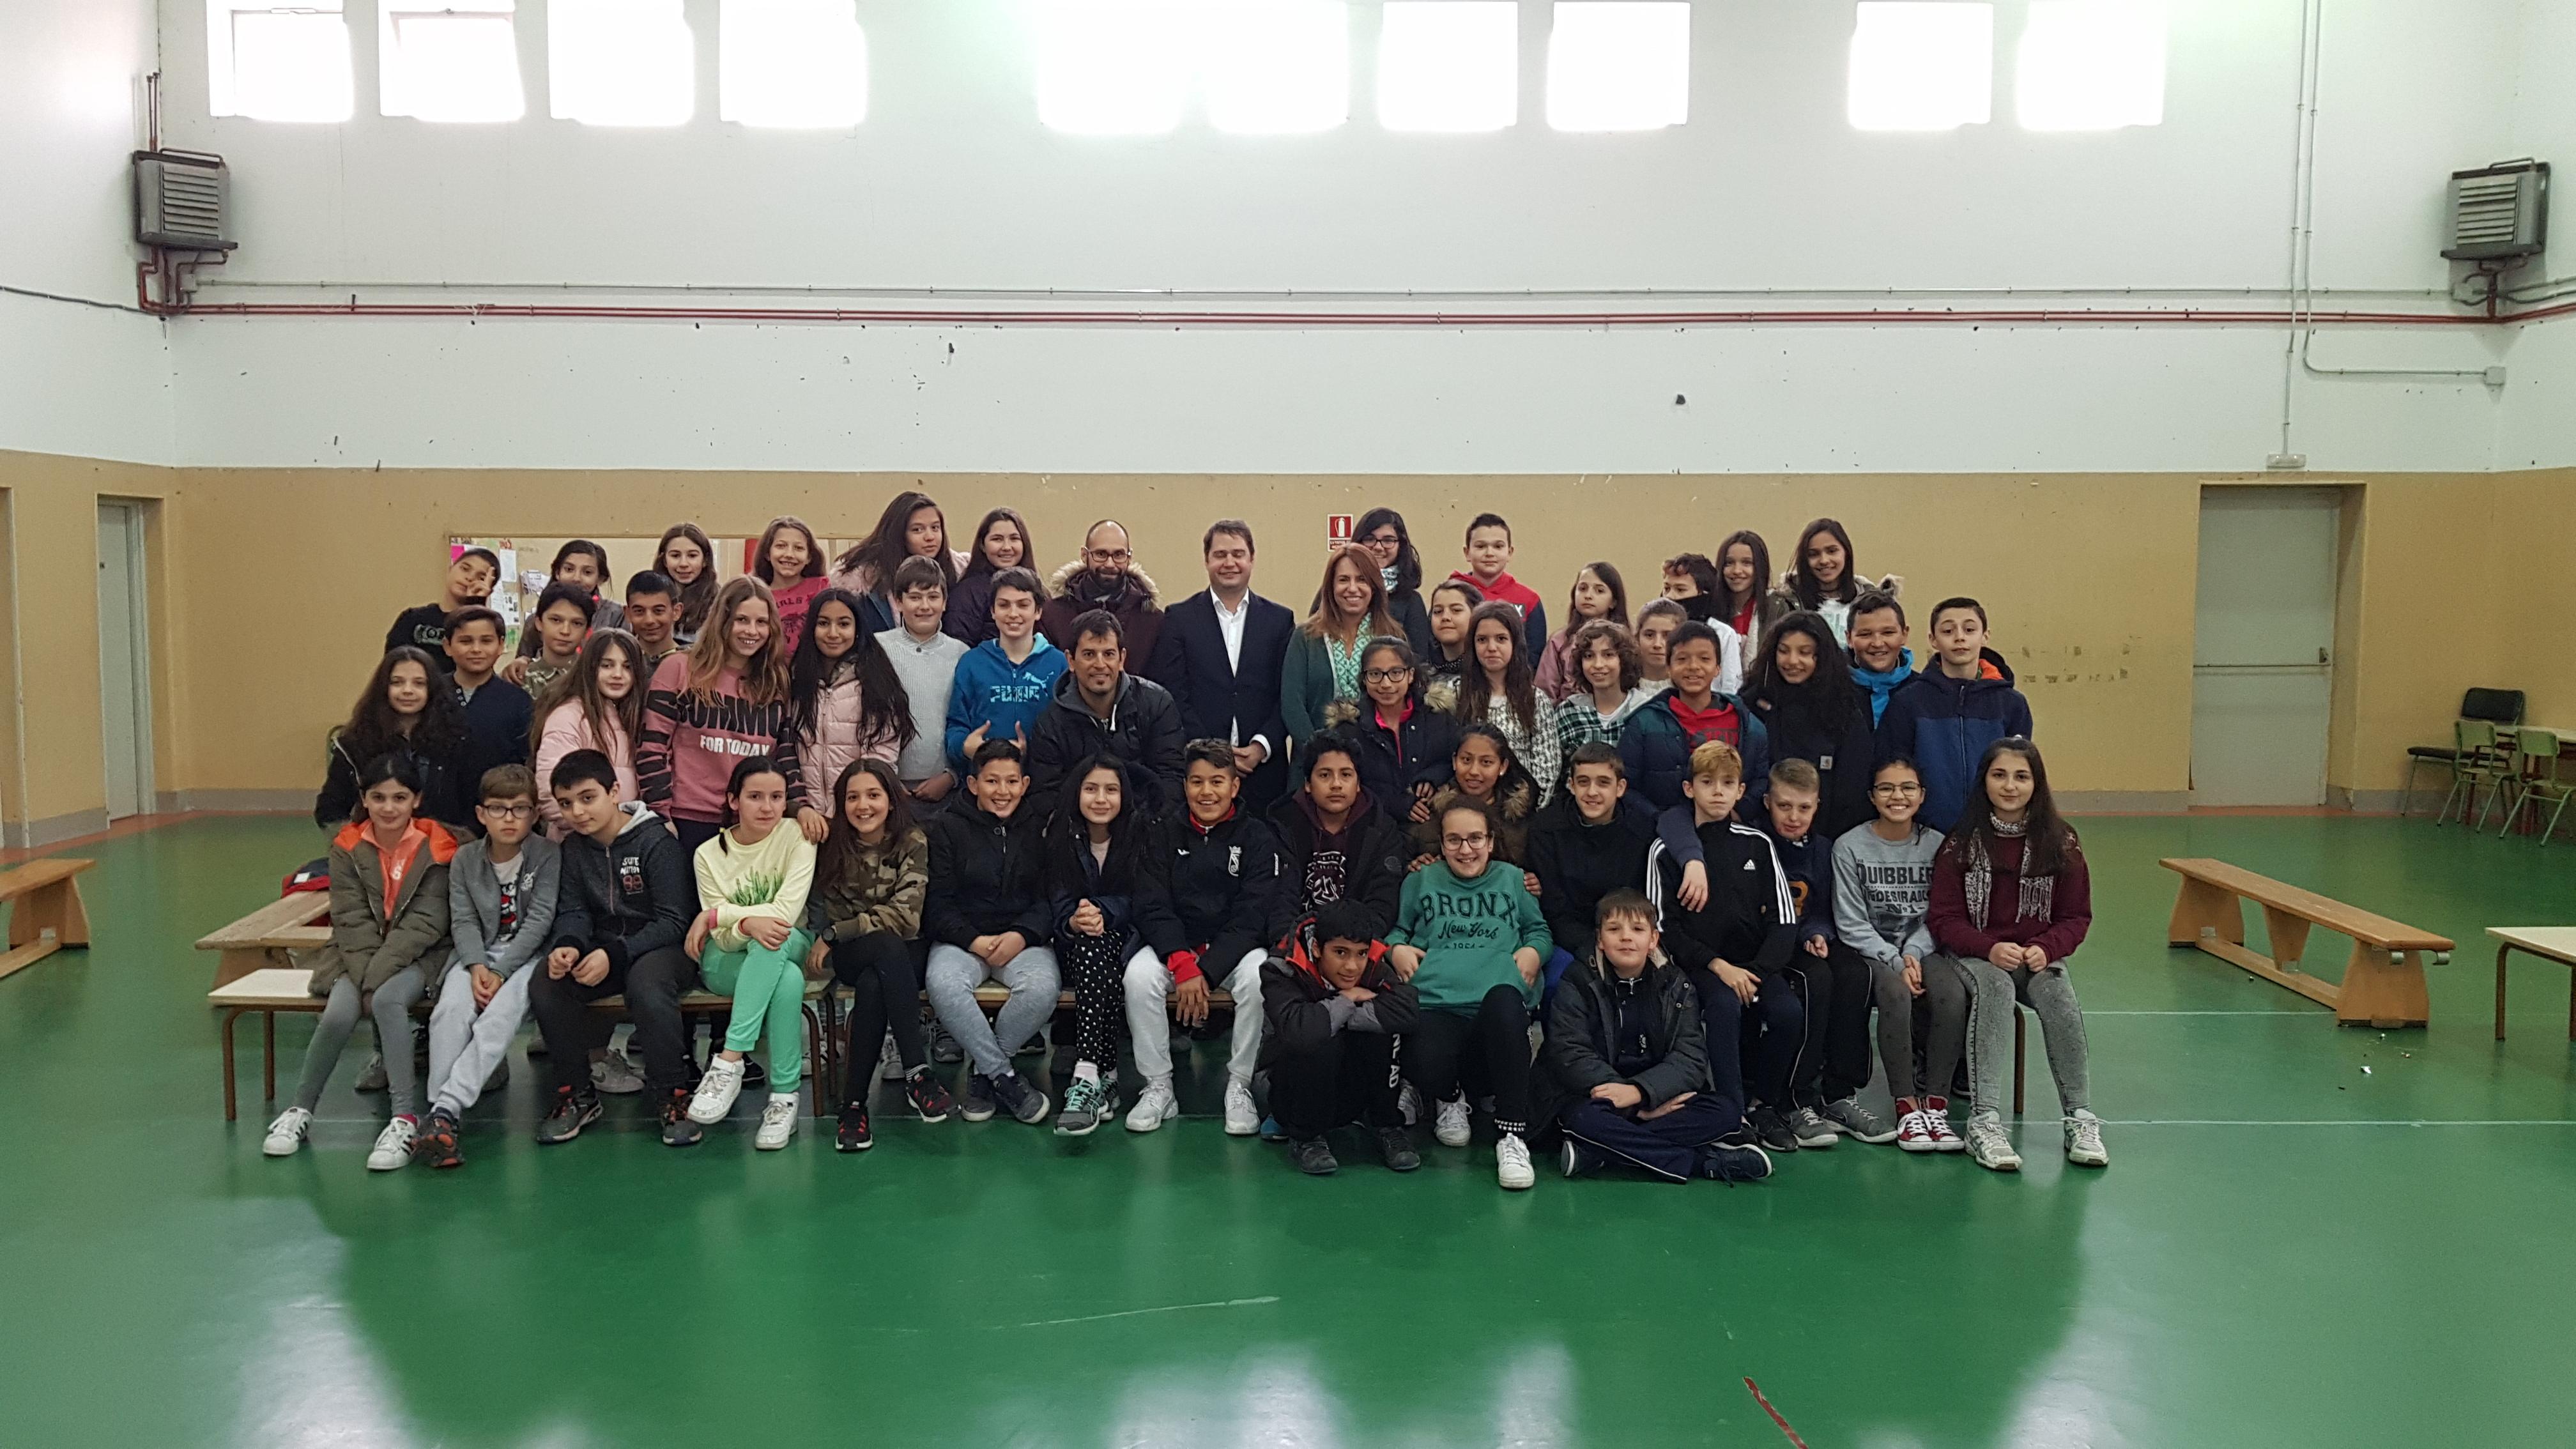 Visita del Alcalde de Torrejón de Ardoz al CEIP Andrés Segovia 9